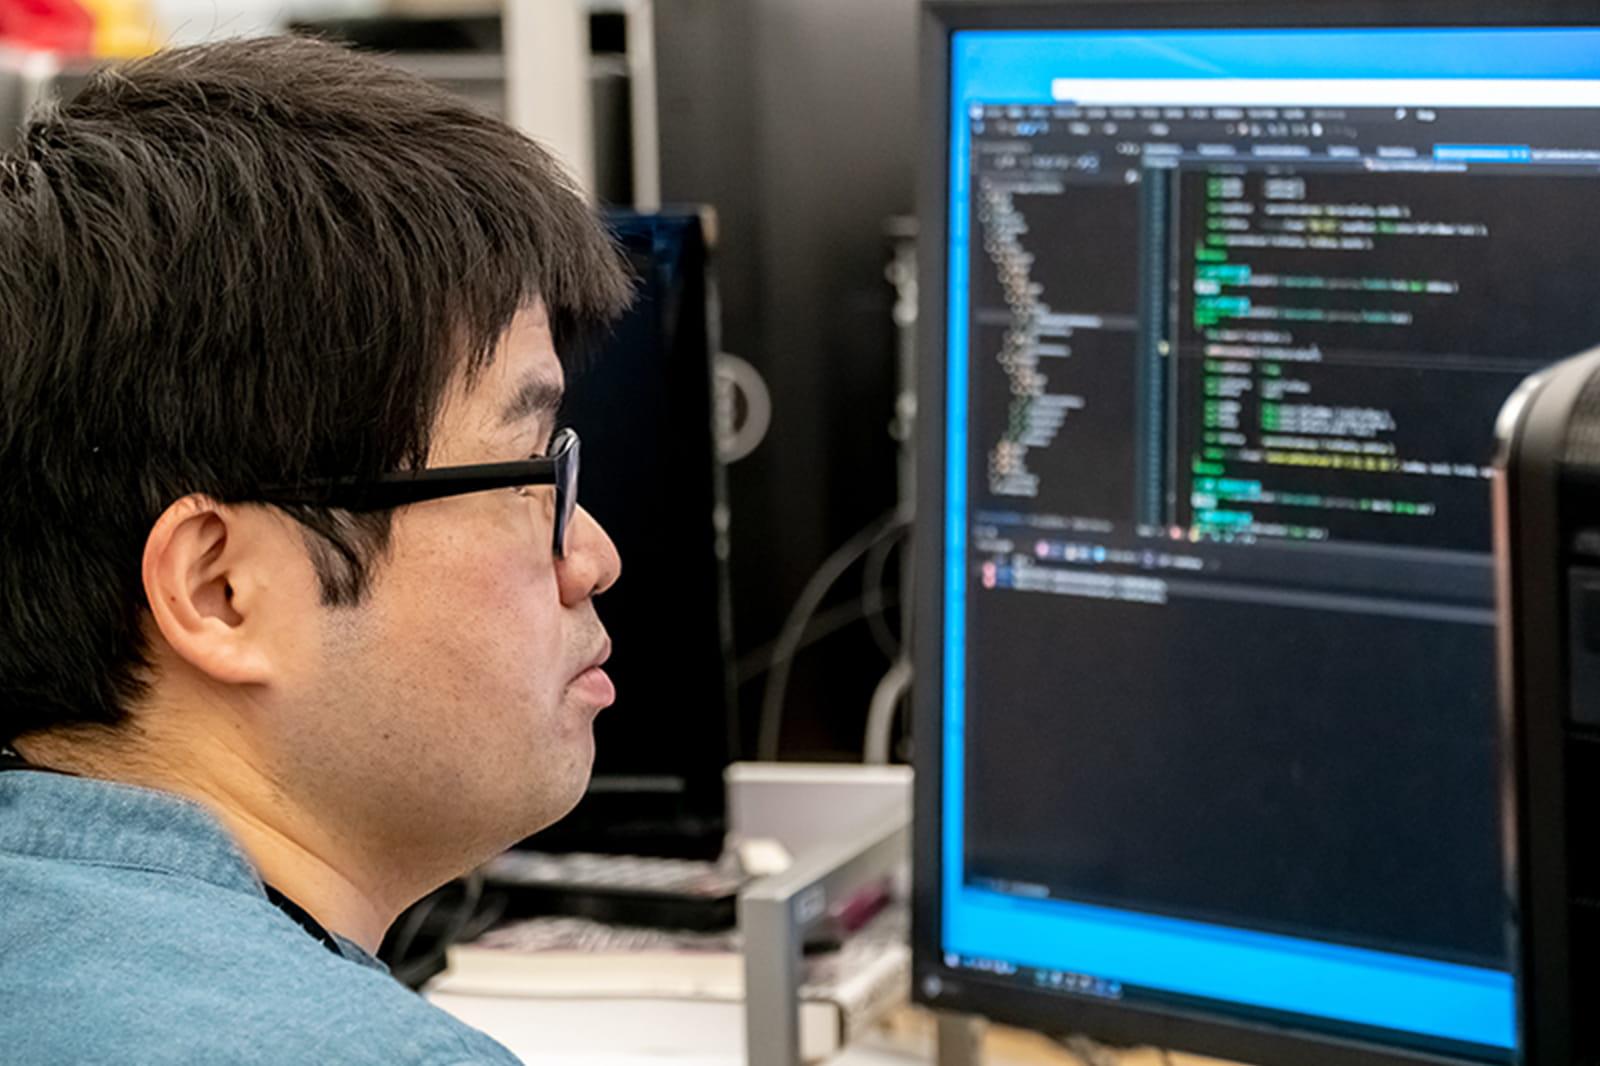 白金工作室宣布自研全新引擎 可准确满足工作室所有需求